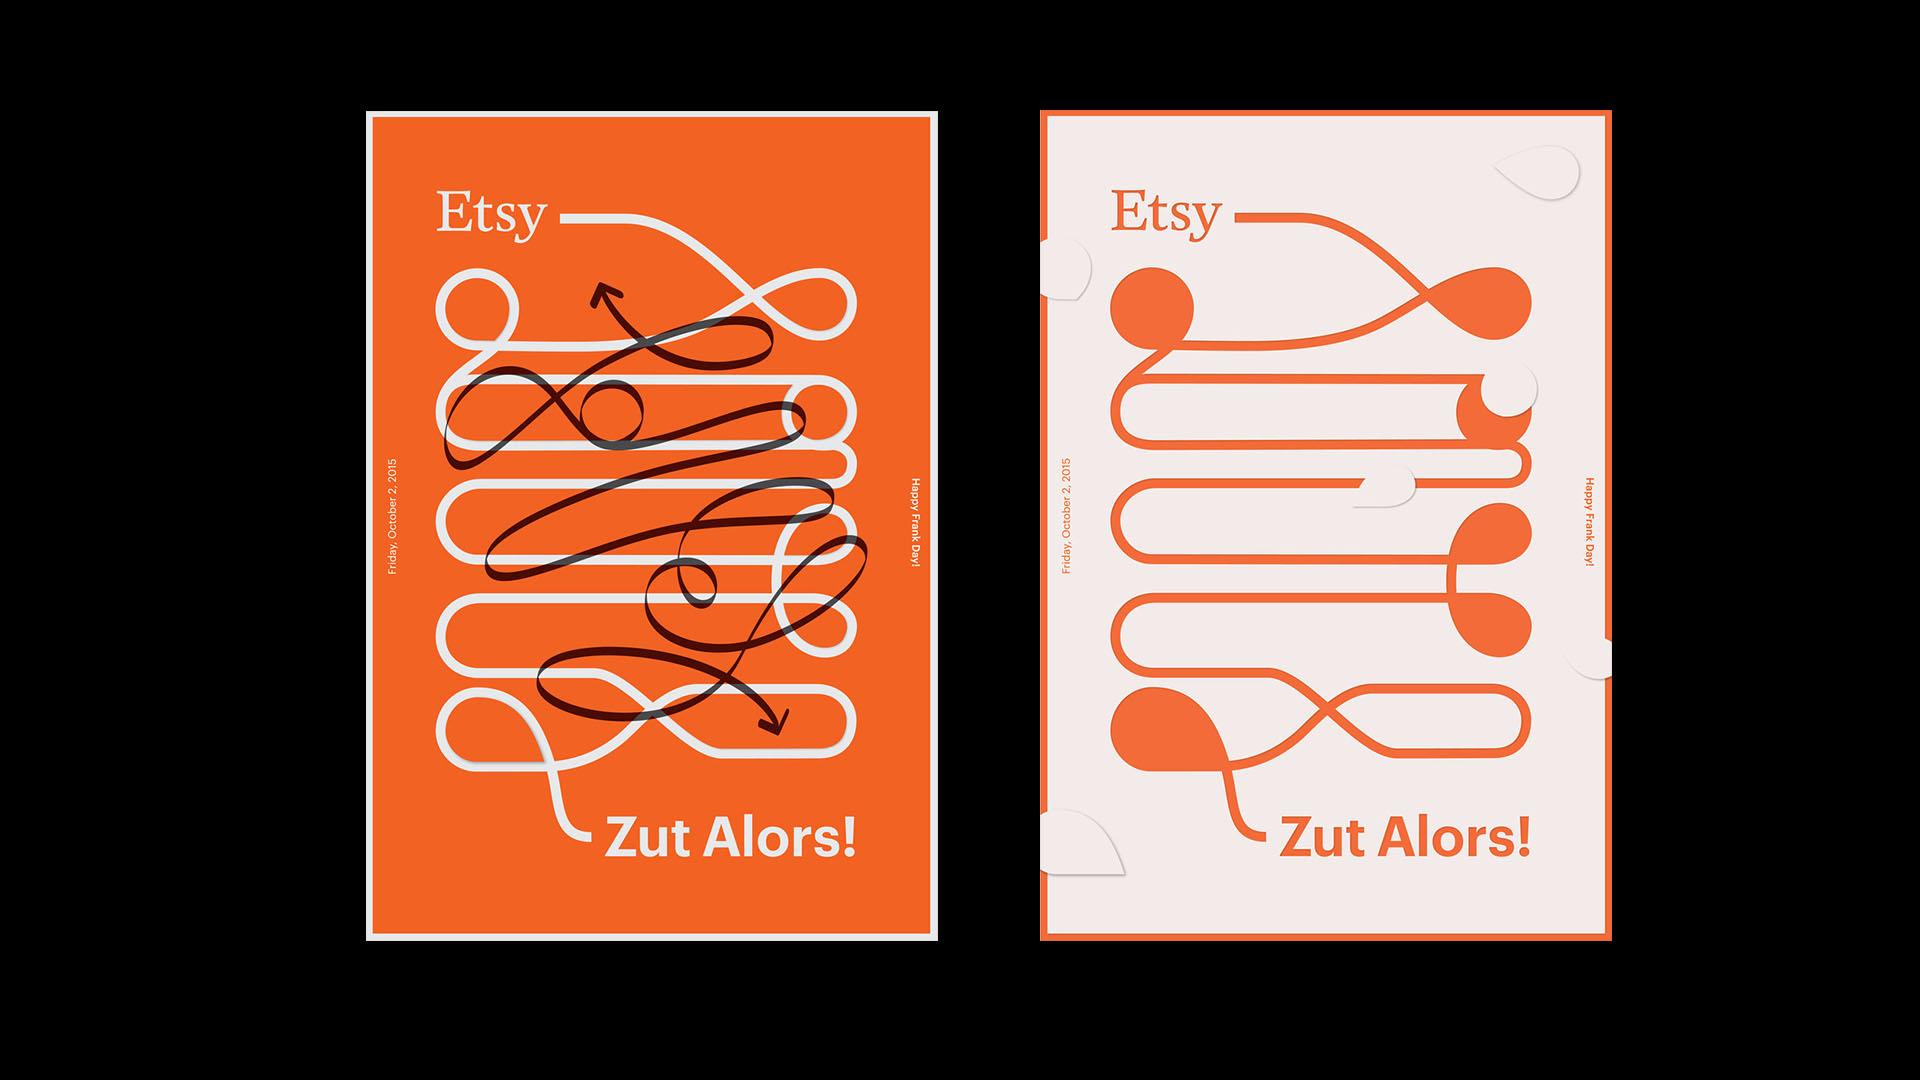 Etsy_posters.jpg